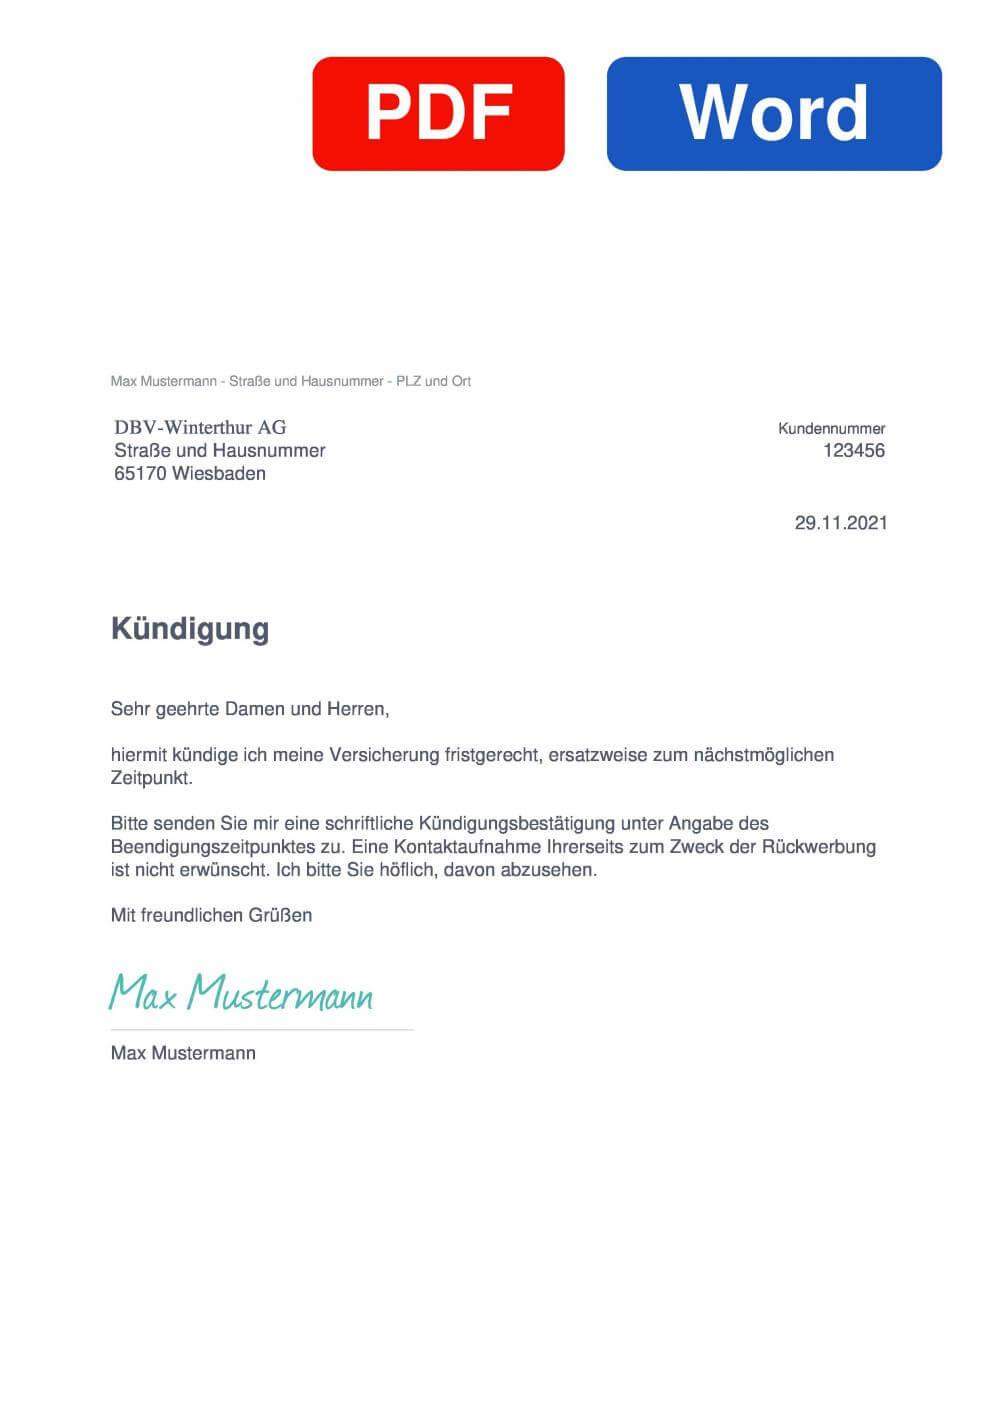 DBV-Winterthur Berufsunfähigkeitsversicherung Muster Vorlage für Kündigungsschreiben